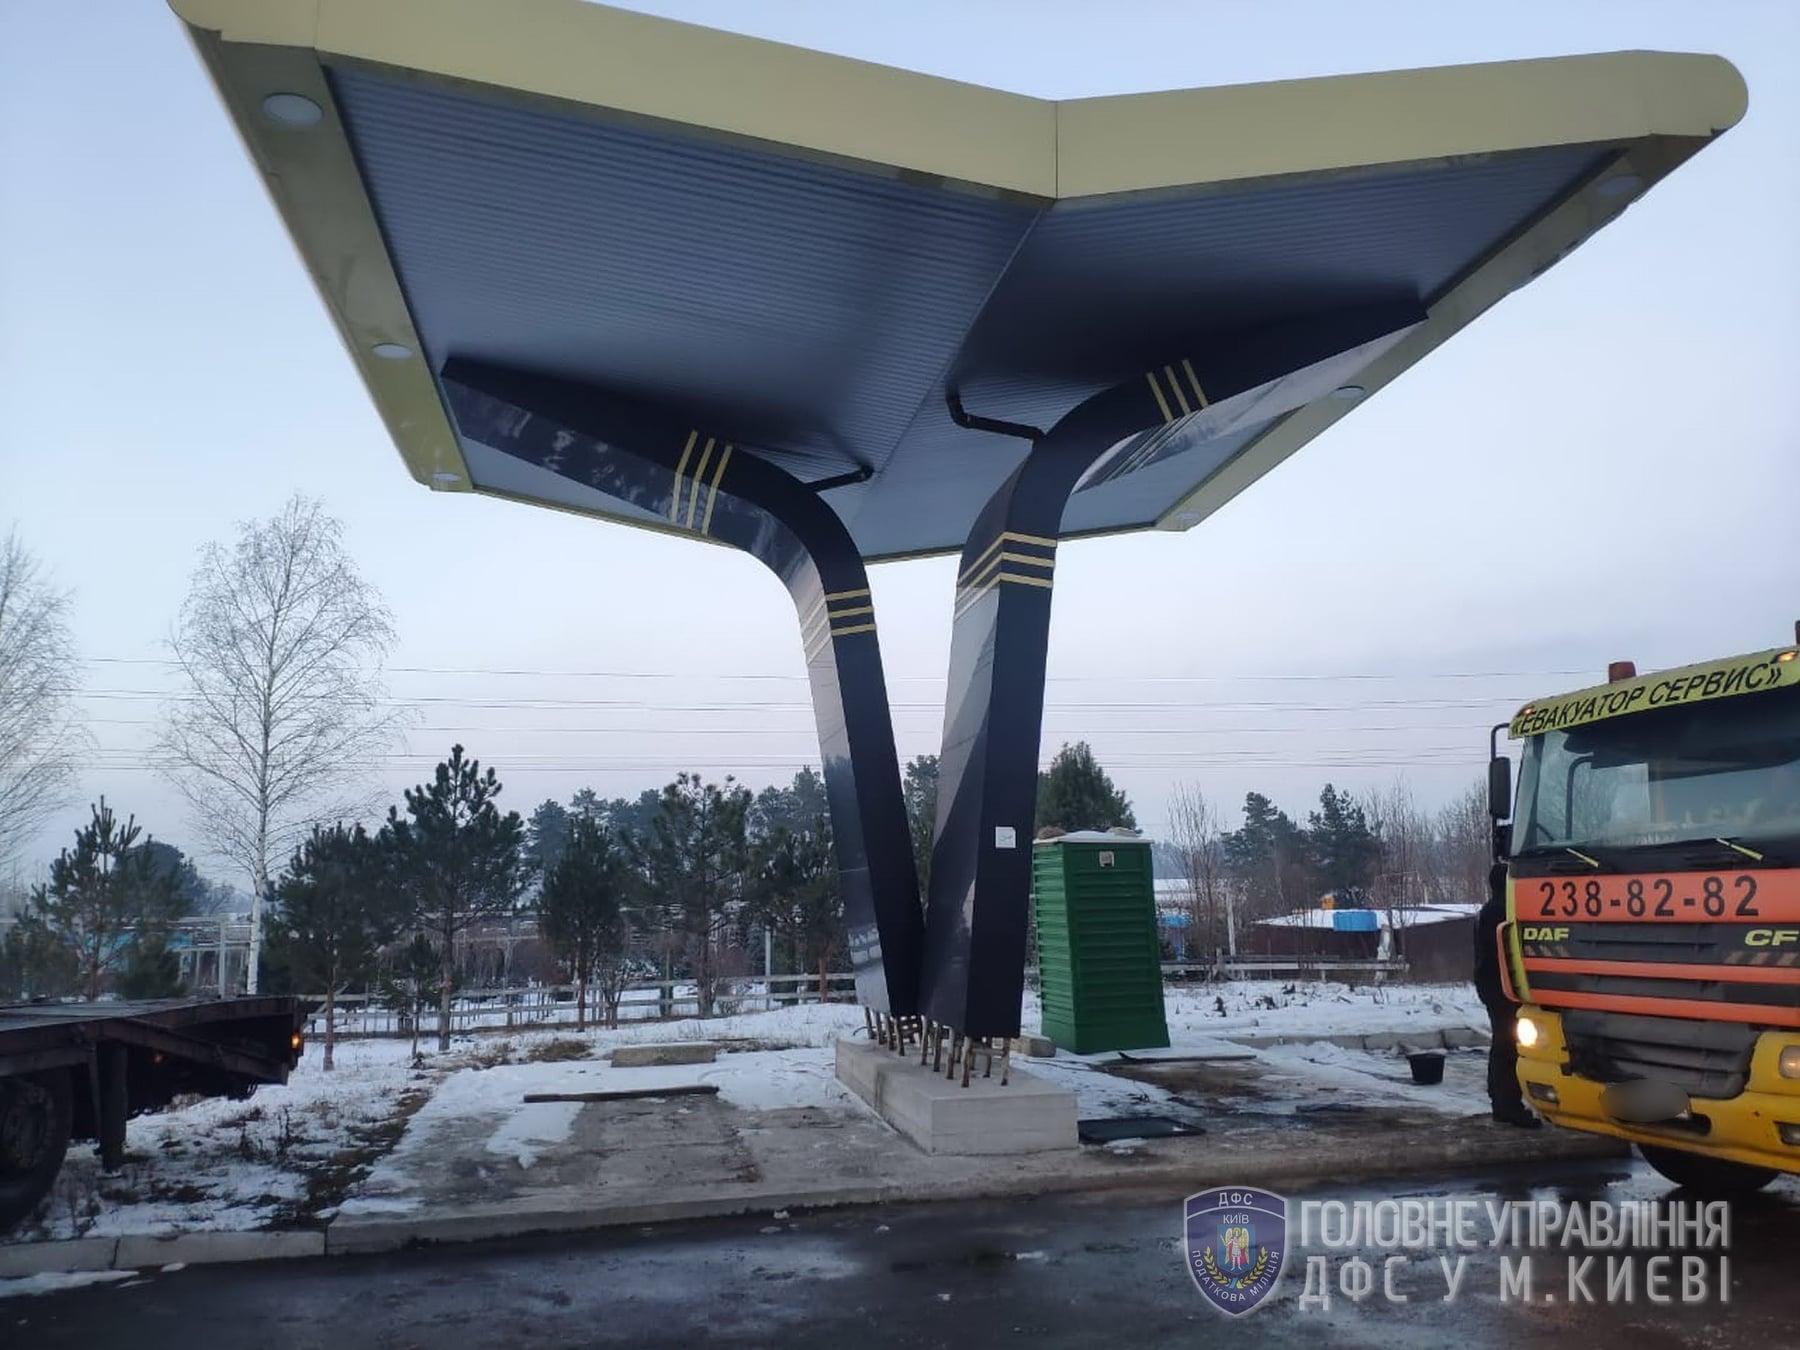 На Київщині продавали фальсифіковане пальне через АЗС - фальсифікат, паливо, АЗС - 141751989 1724214237754011 2509442533695644751 o